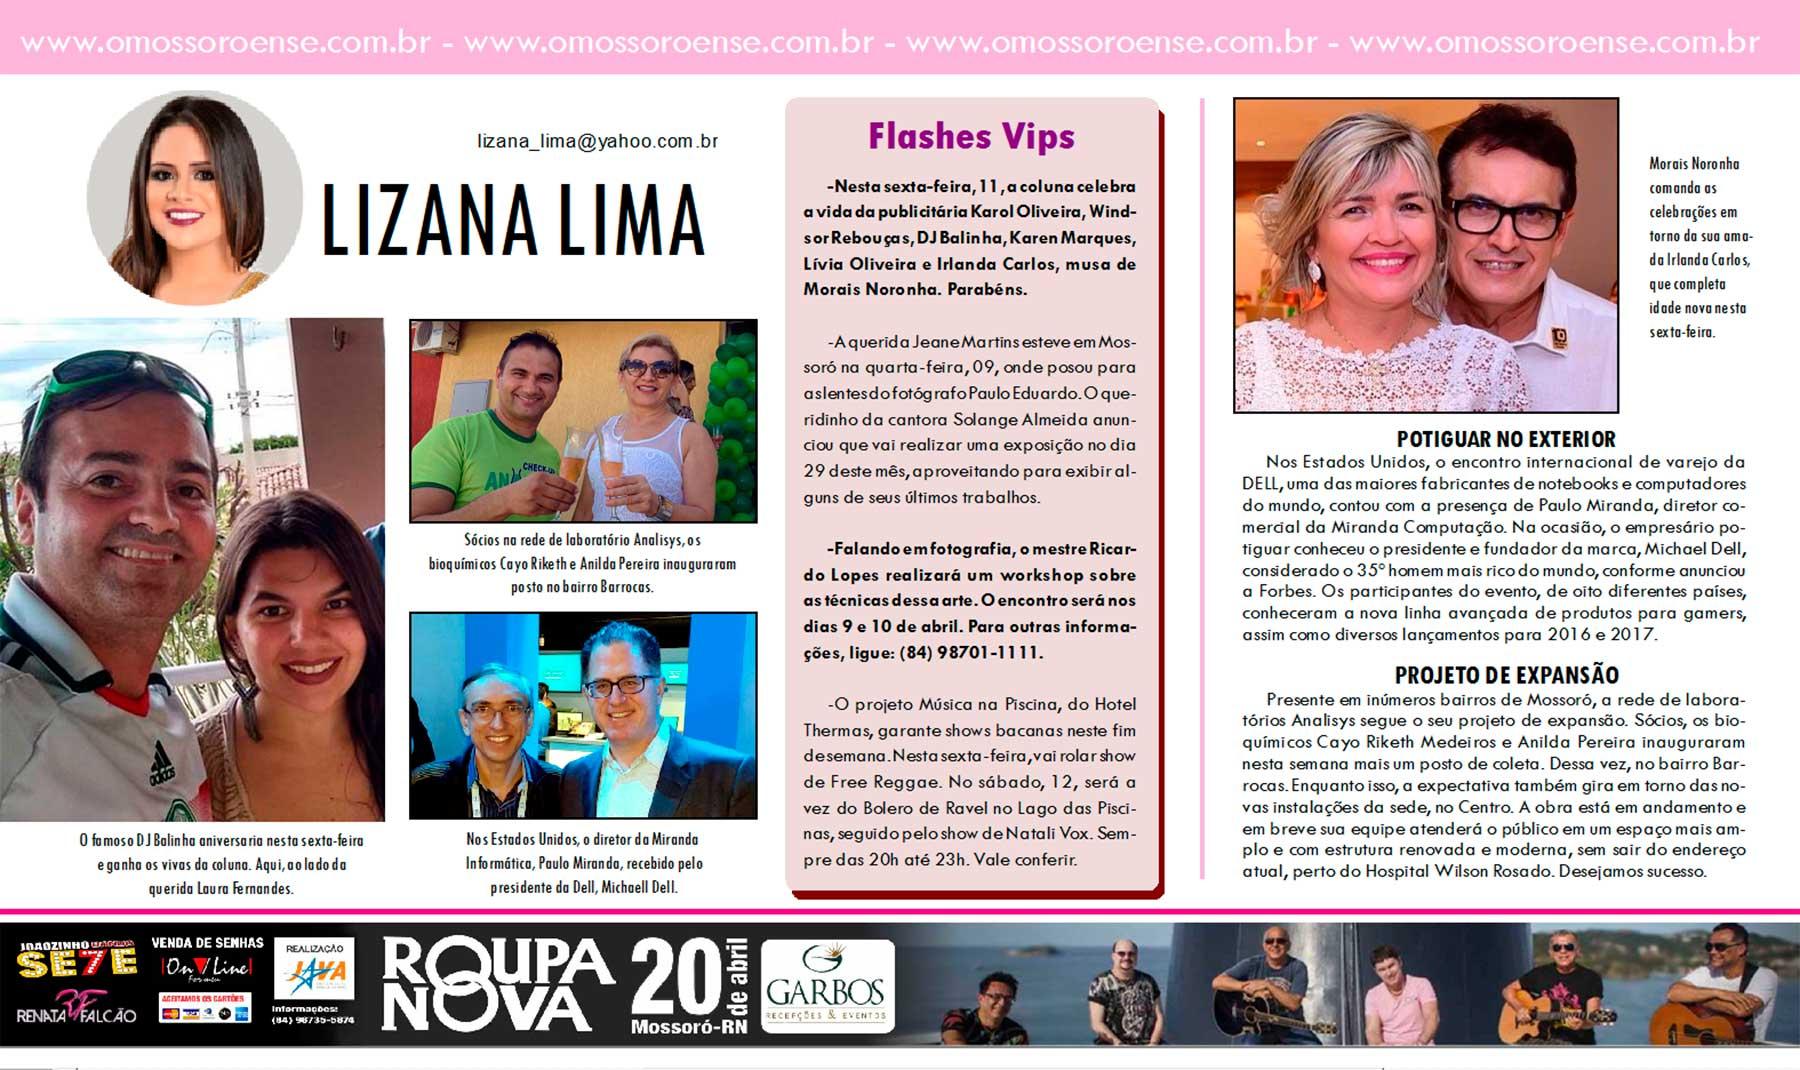 LIZANA-LIMA-11-03-16